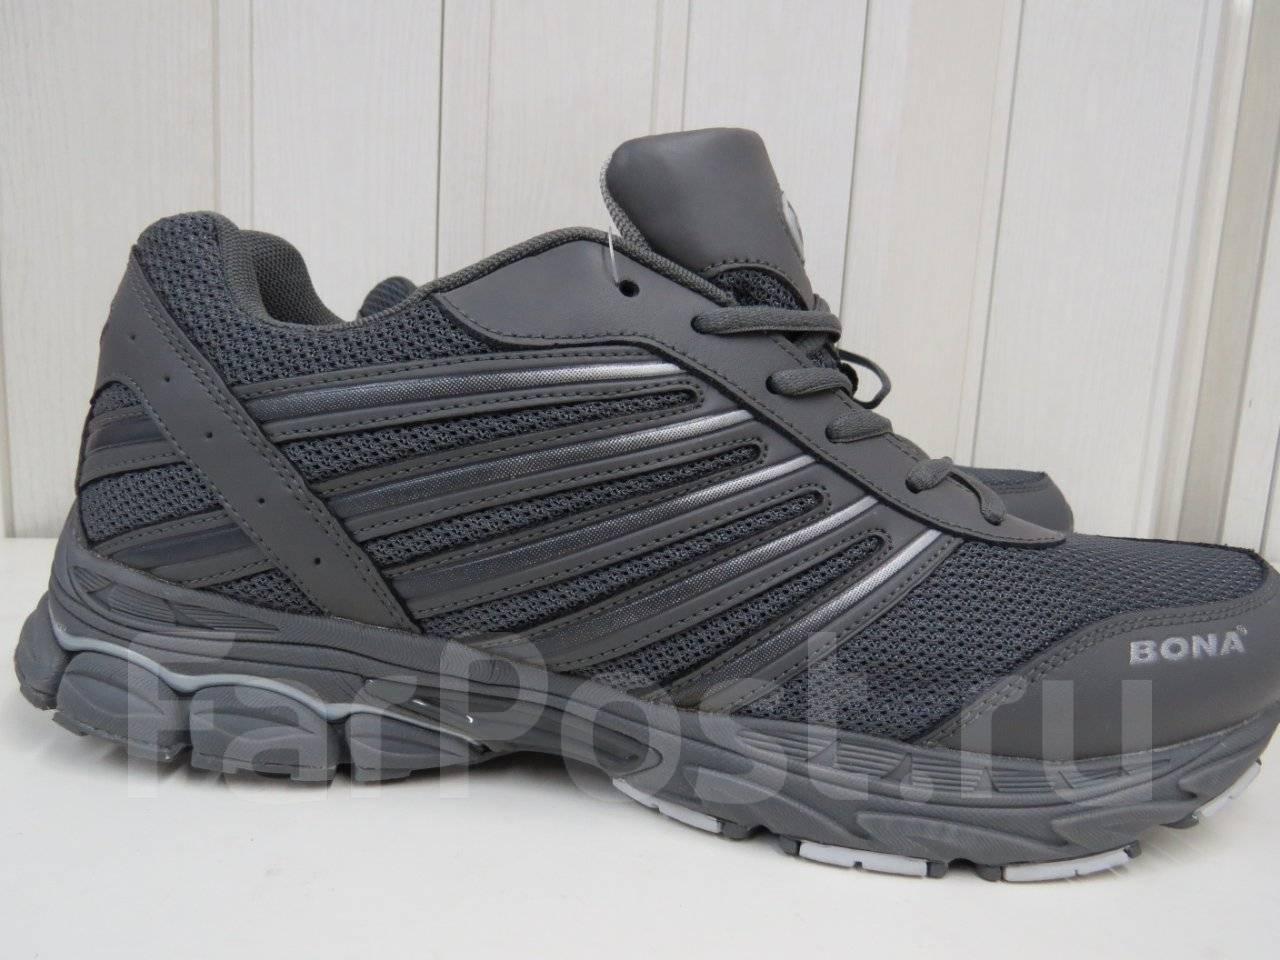 39504662 Мужская обувь Размер: 49 размера - купить. Цены, фото!